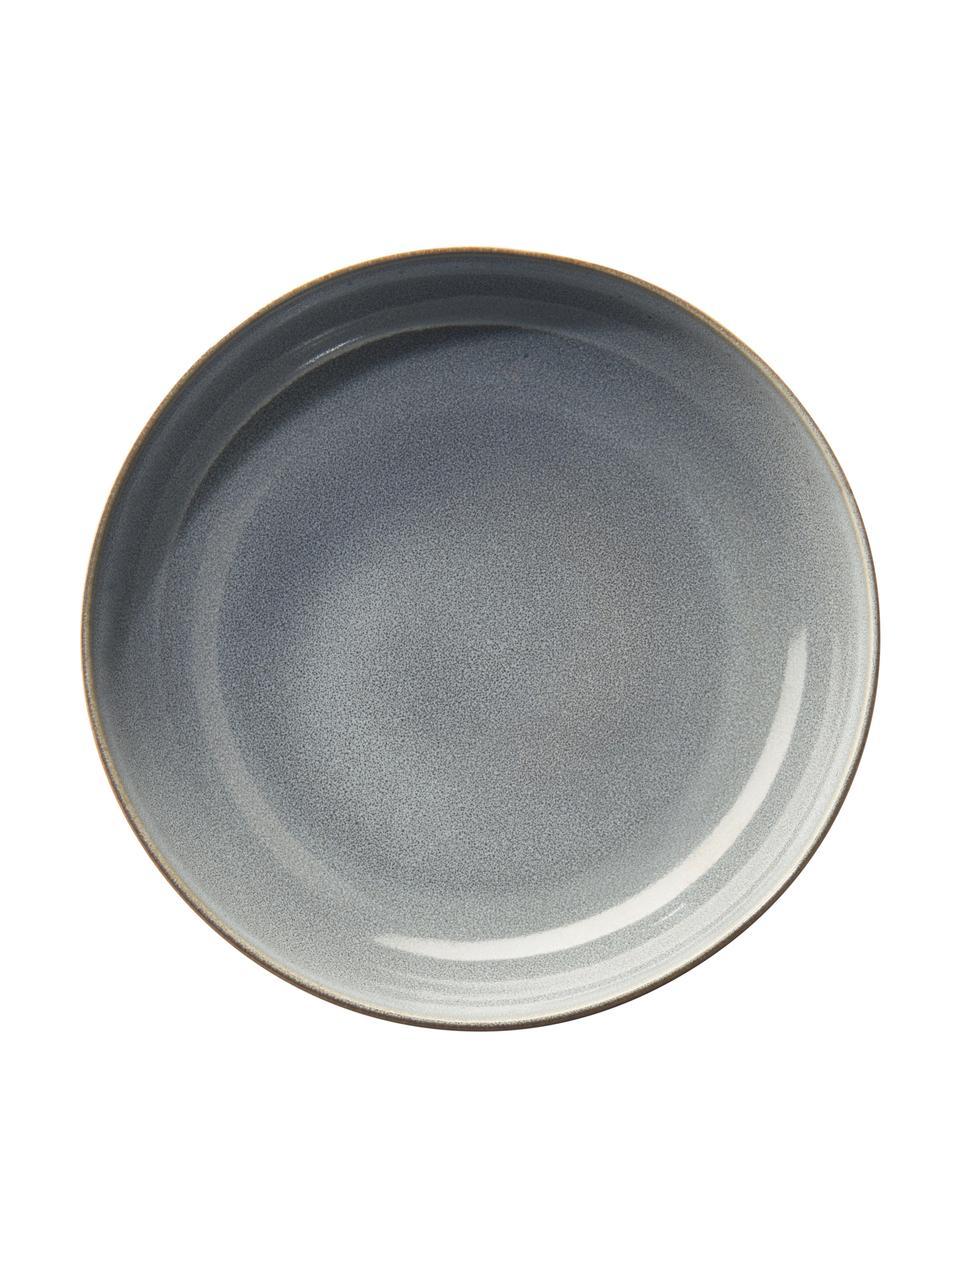 Miseczka z kamionki Saisons, 6 szt., Kamionka, Niebieski, Ø 15 x W 5 cm